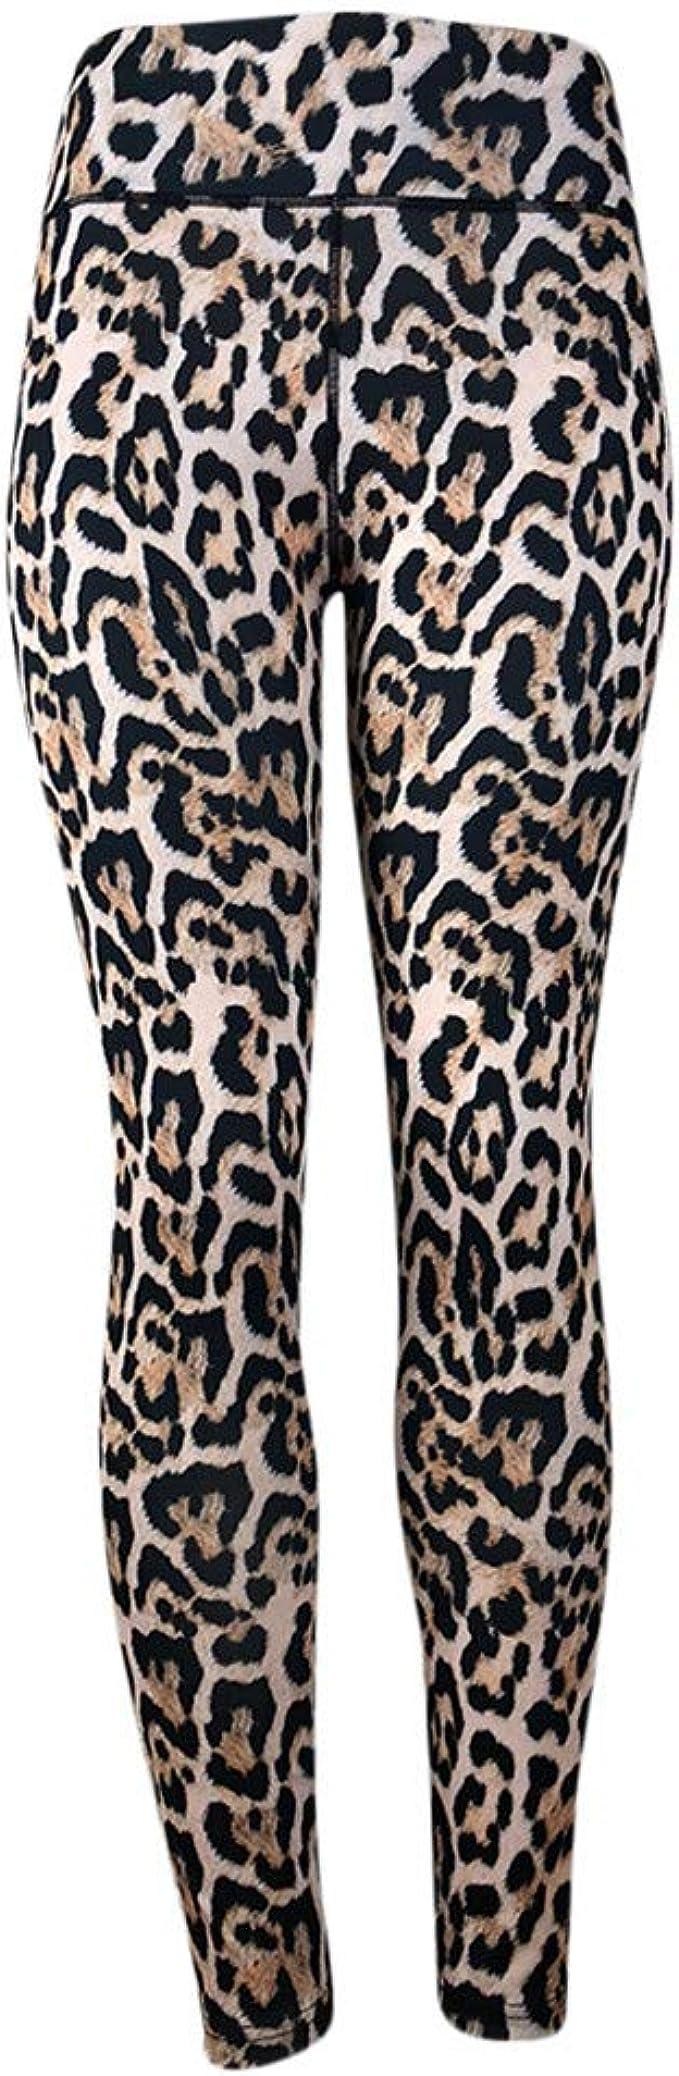 Pantalones Yoga Mujeres Estampado de Leopardo de Moda, Mallas ...